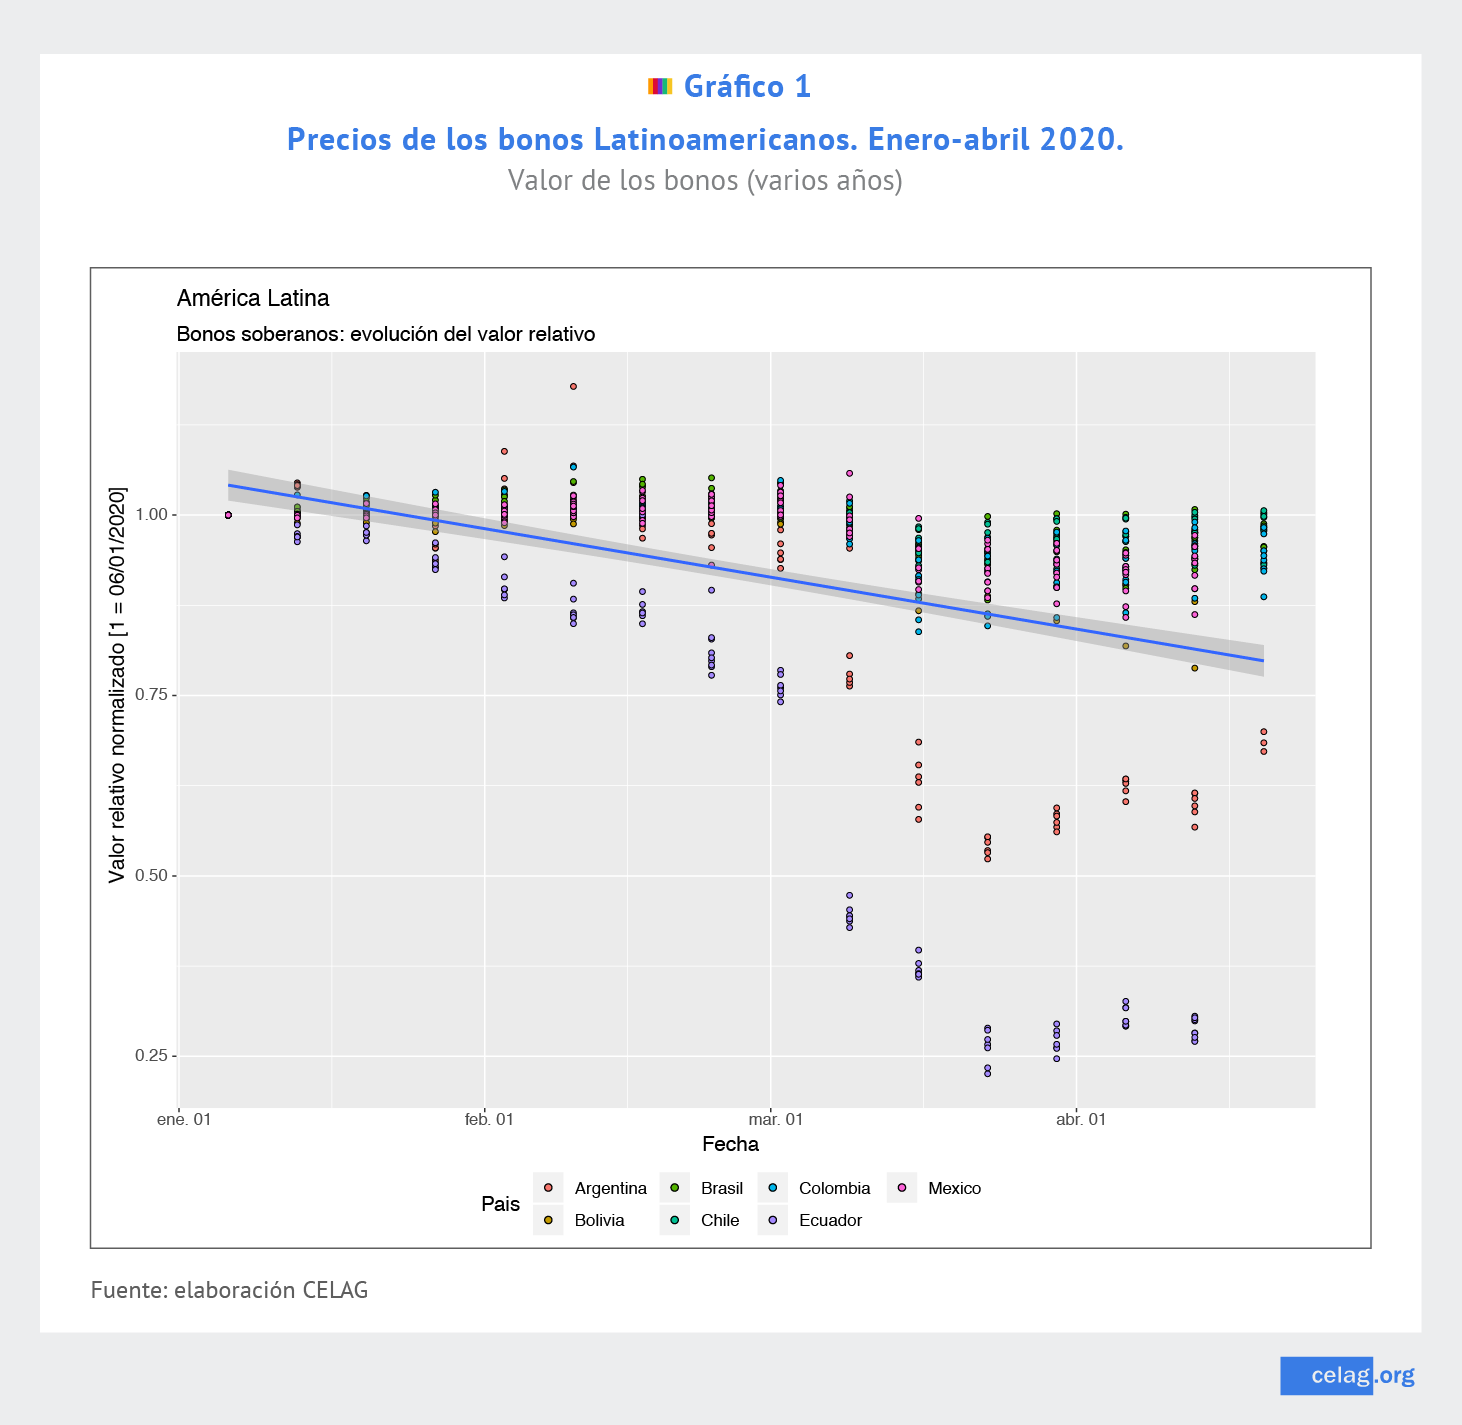 Precios de los bonos latinoamericanos enero-abril 2020